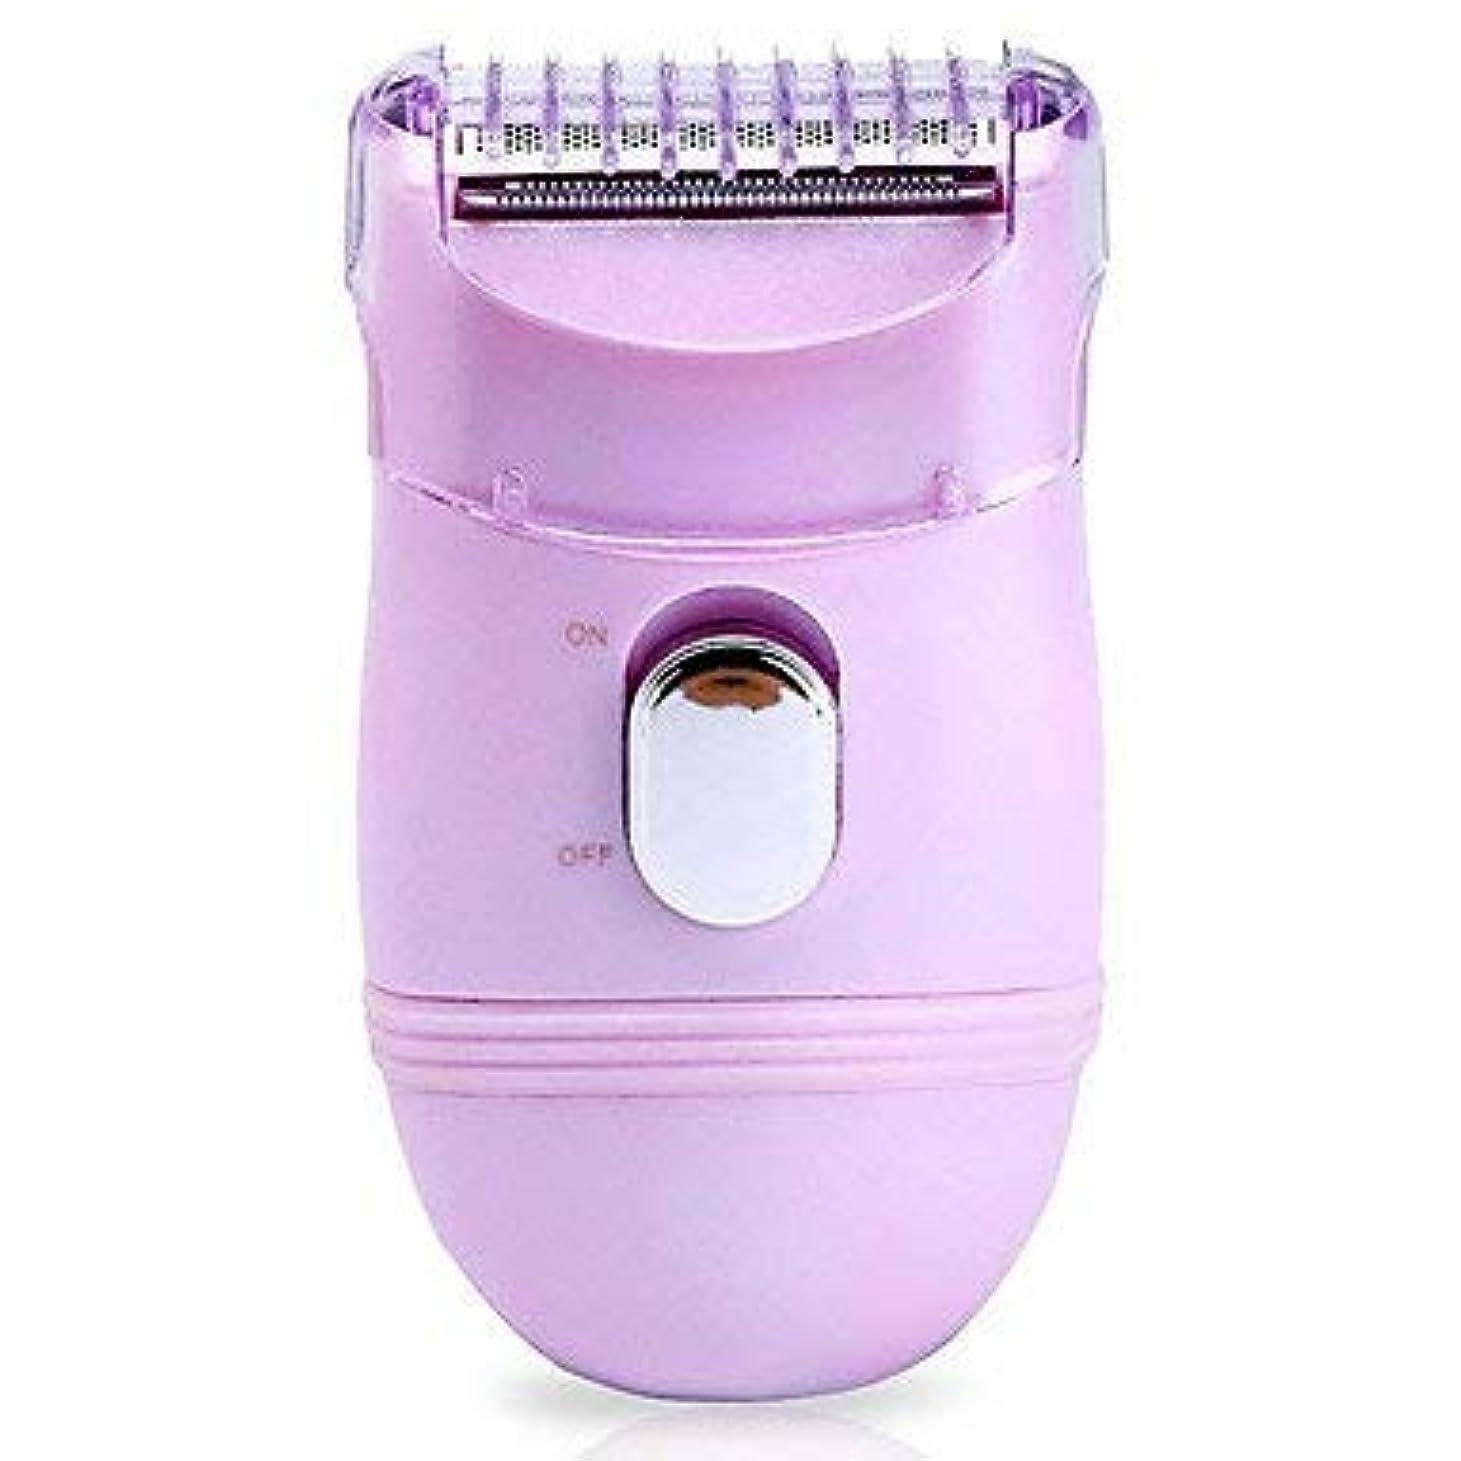 適度にパン受動的GUANG-HOME 脱毛器の女性ボディ電気LEDライト乾燥した髭そりのステンレス鋼